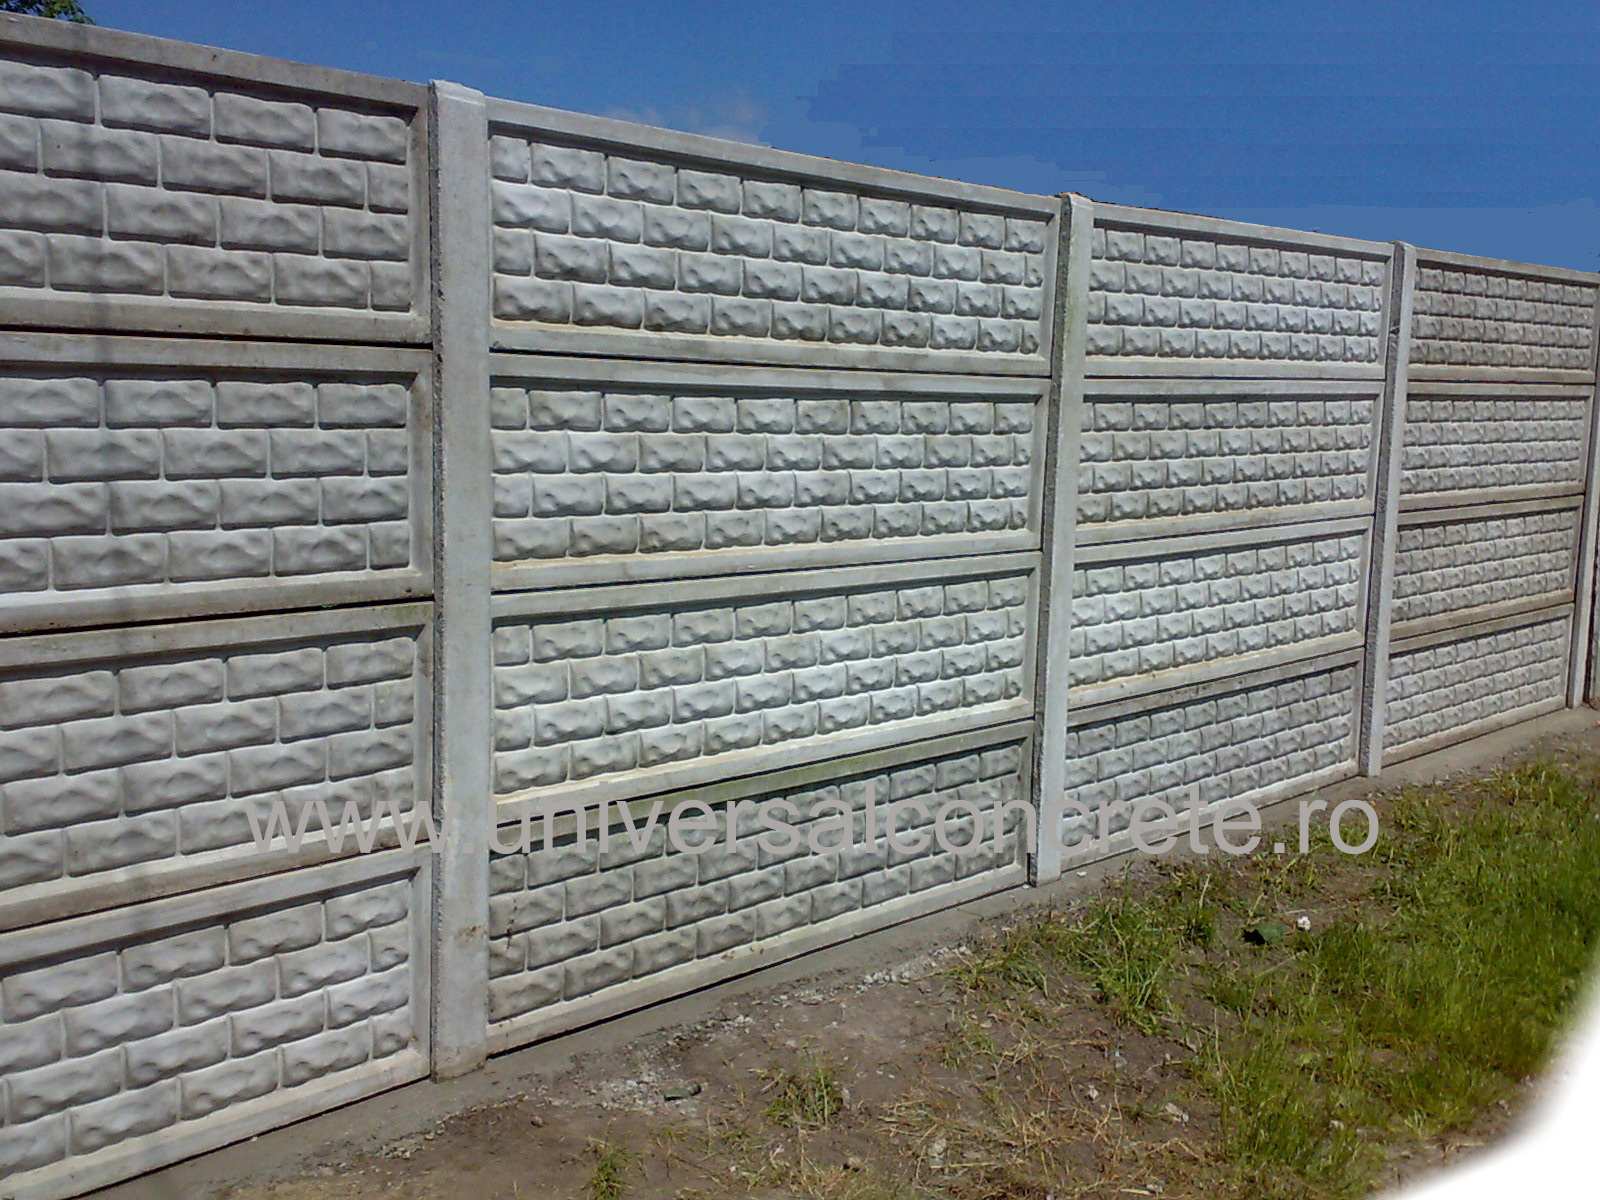 Gard de beton preturi